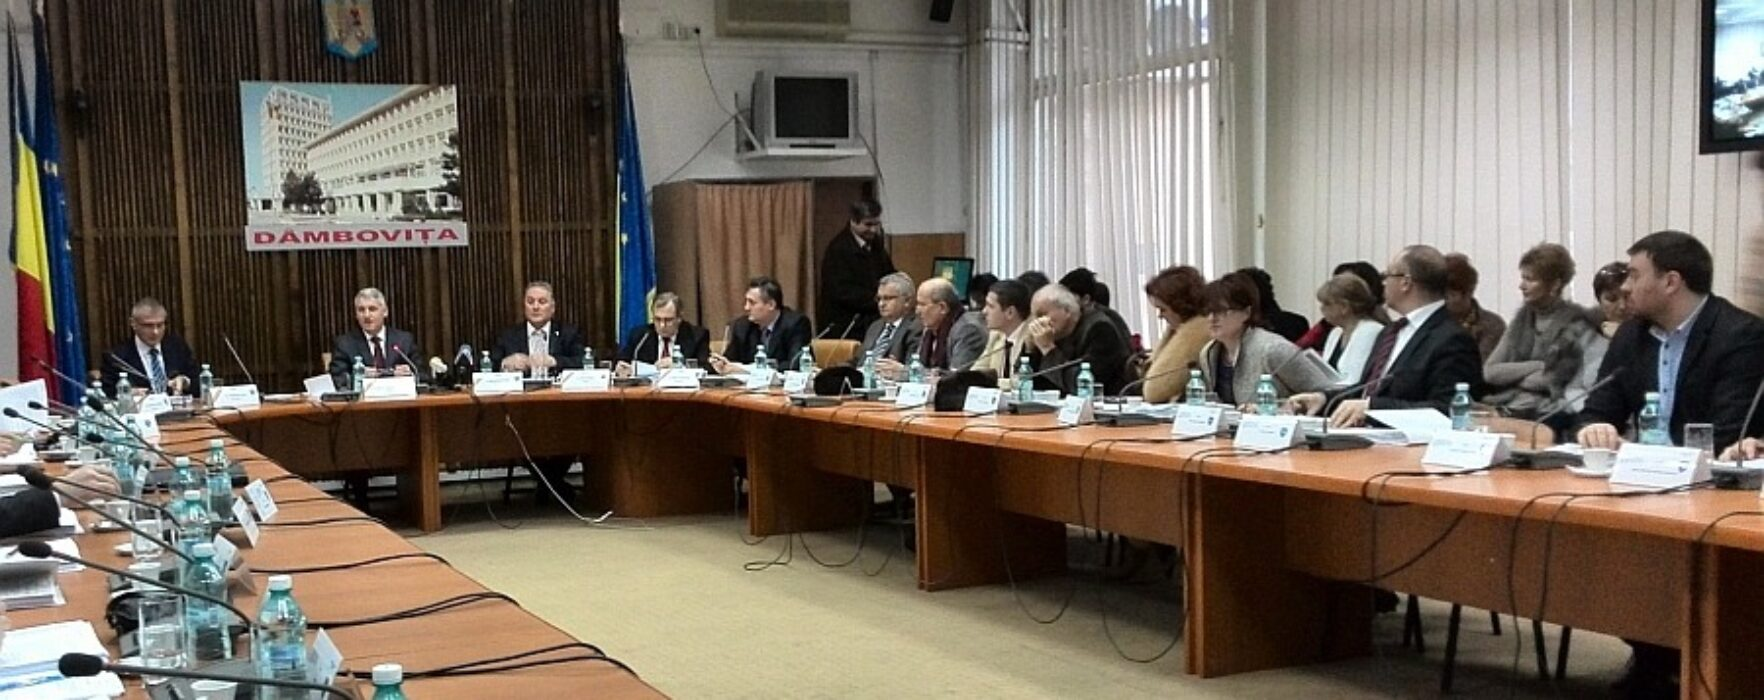 Consilierii ACL vor participa la şedinţa CJ Dâmboviţa de sâmbătă